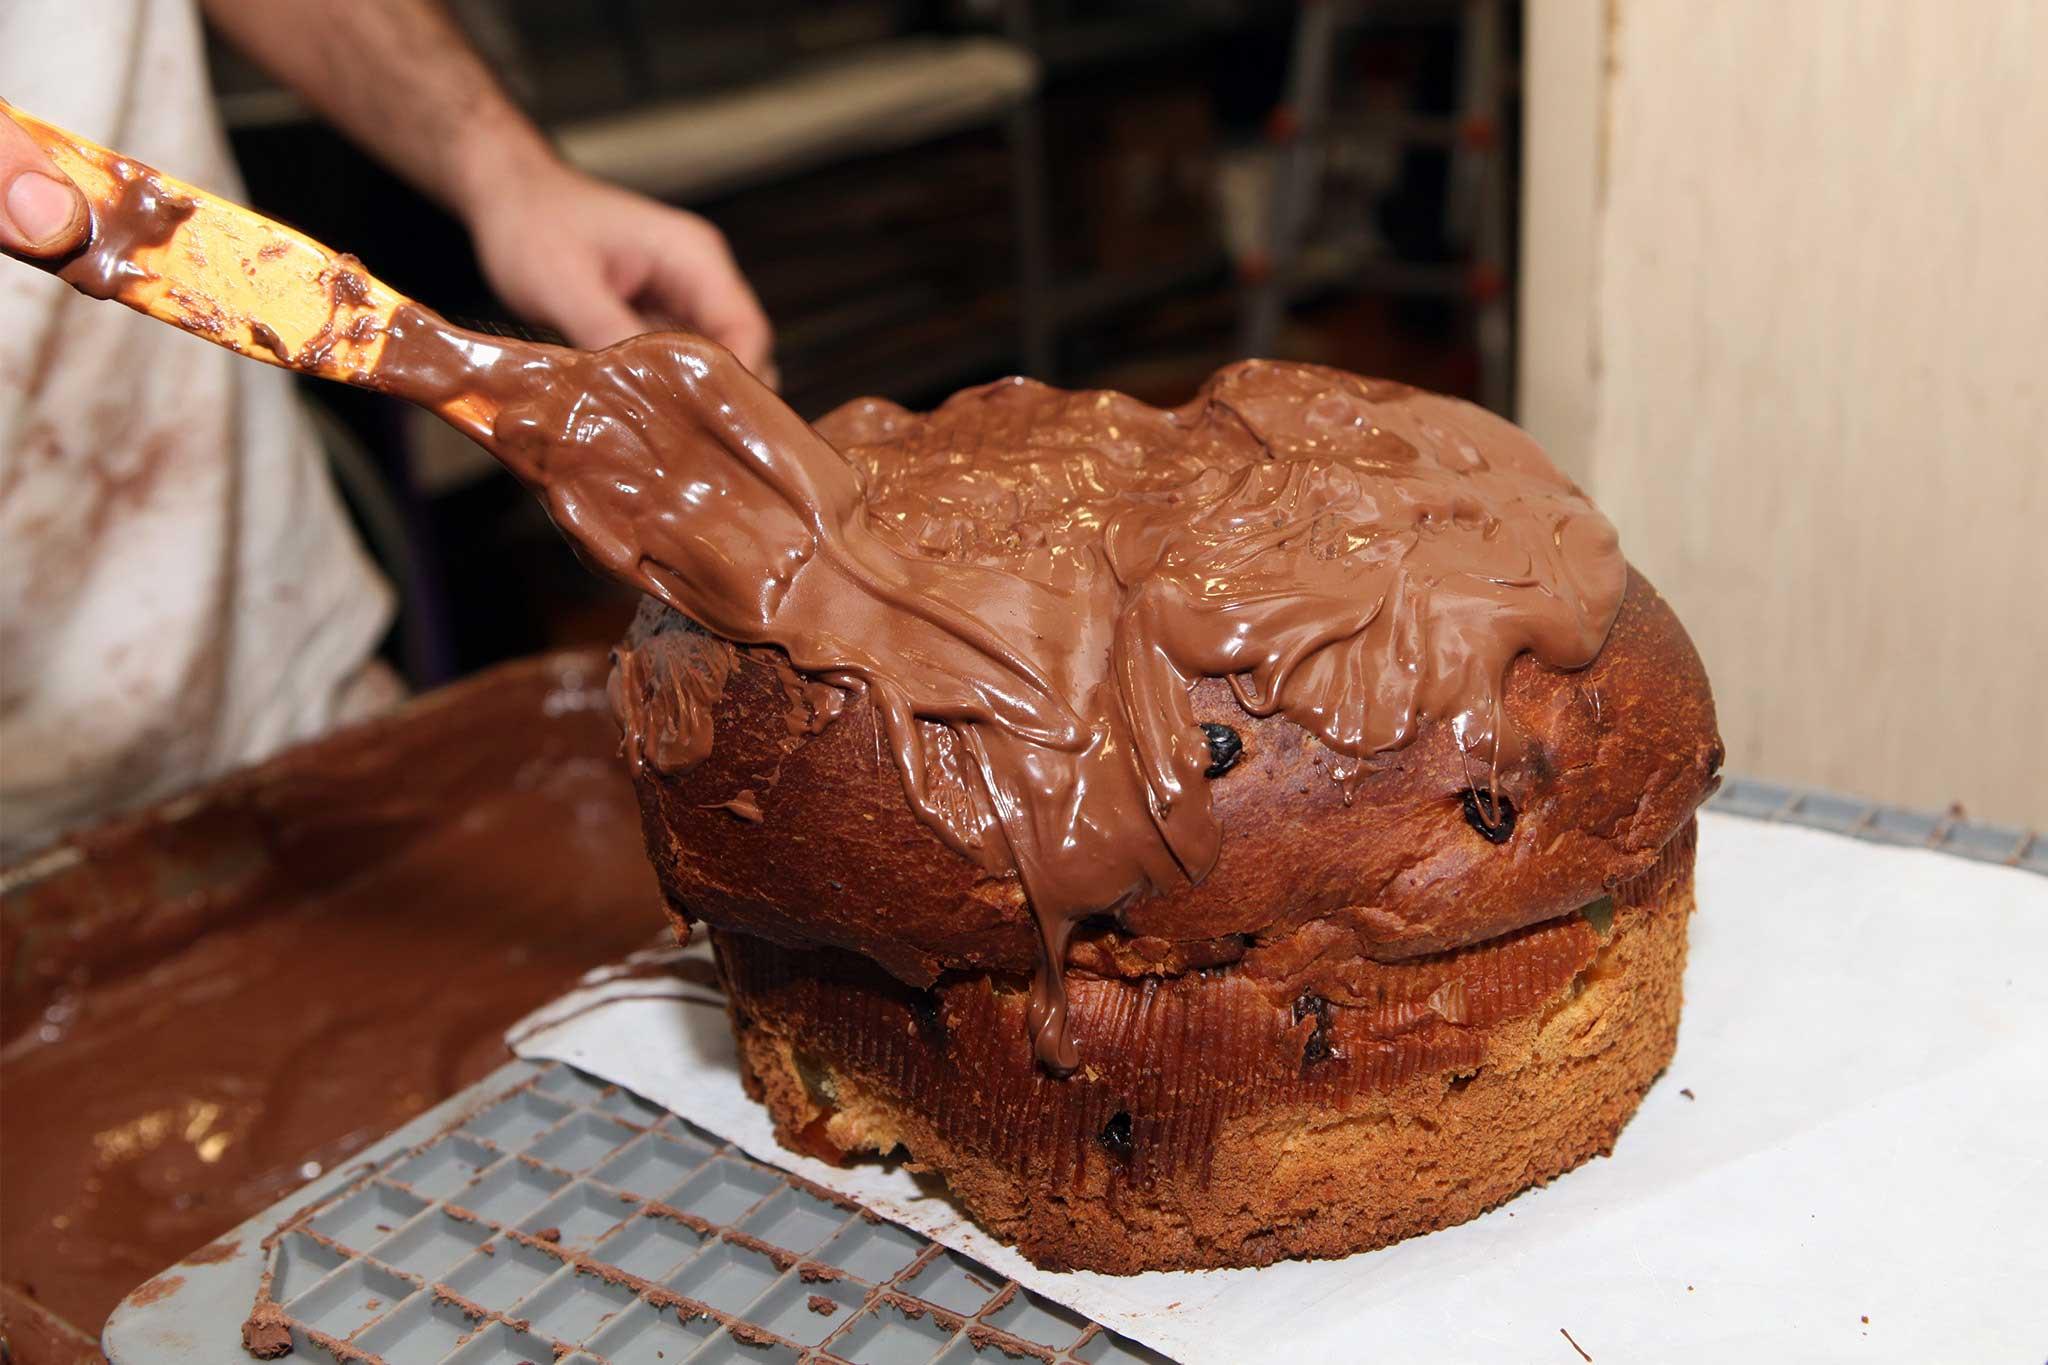 preparazione panettone cioccolato 5